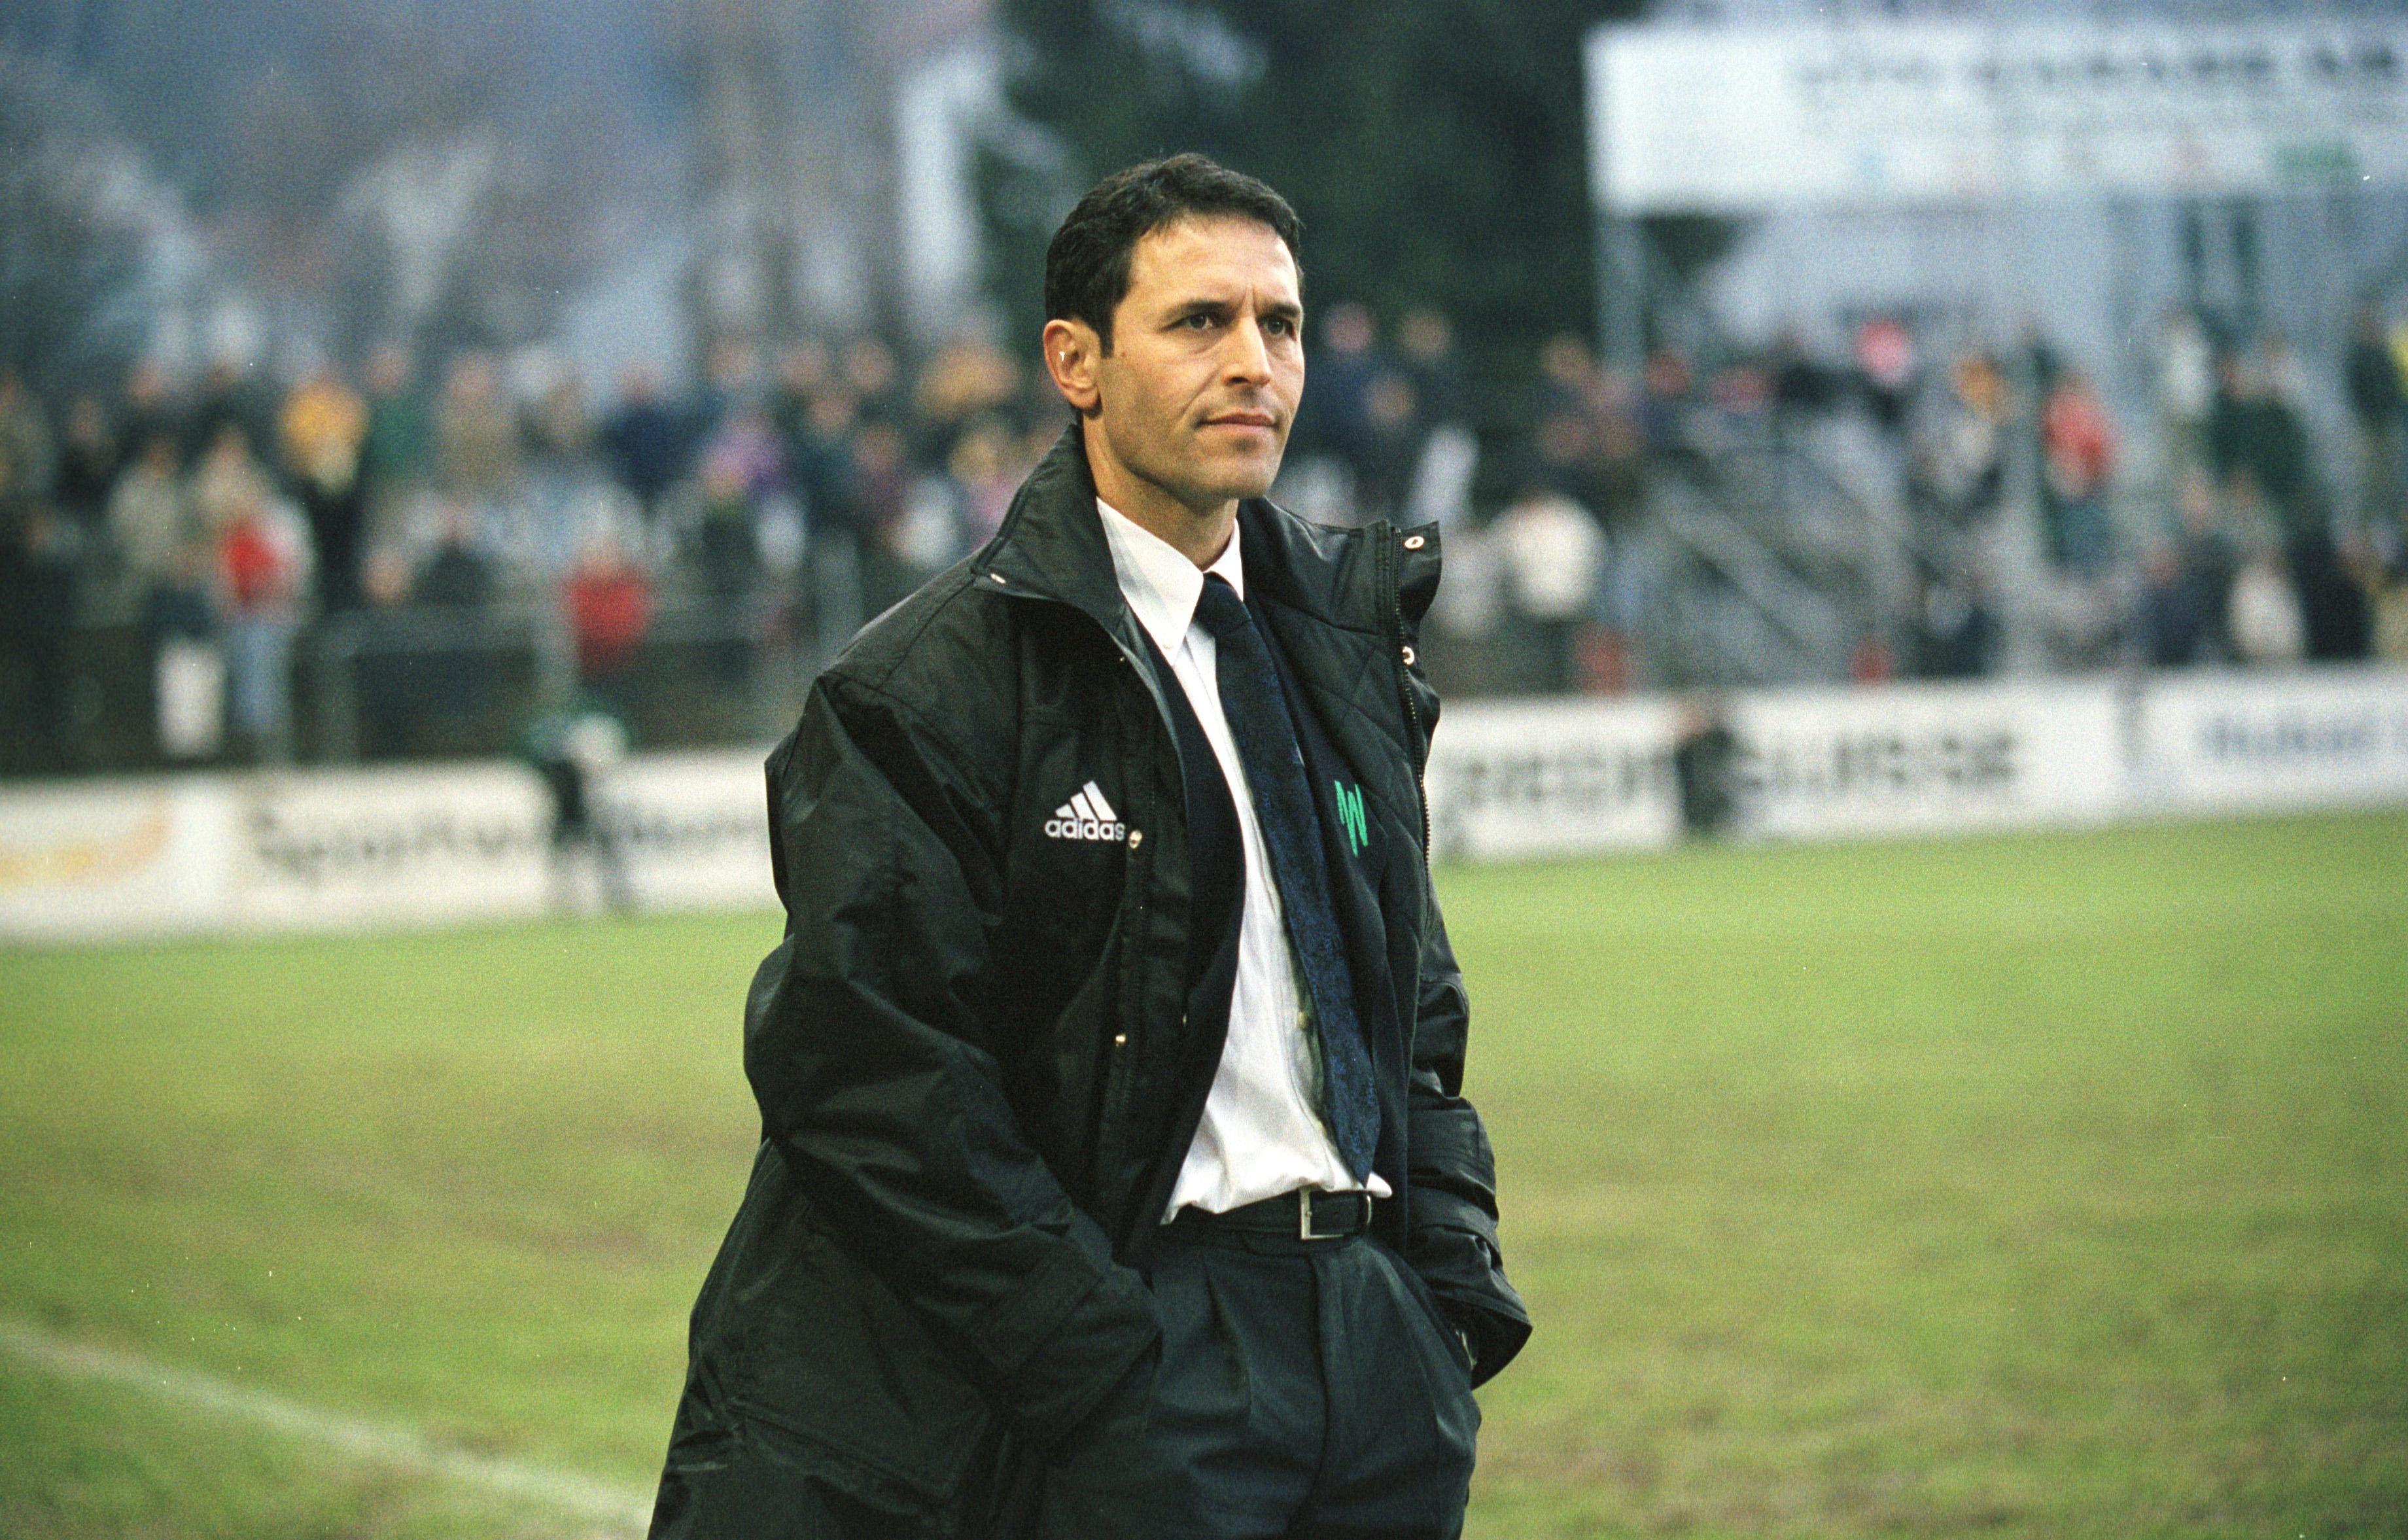 Marcel Koller, ehemaliger Trainer, führte St.Gallen im Jahr 2000 zum Meistertitel.